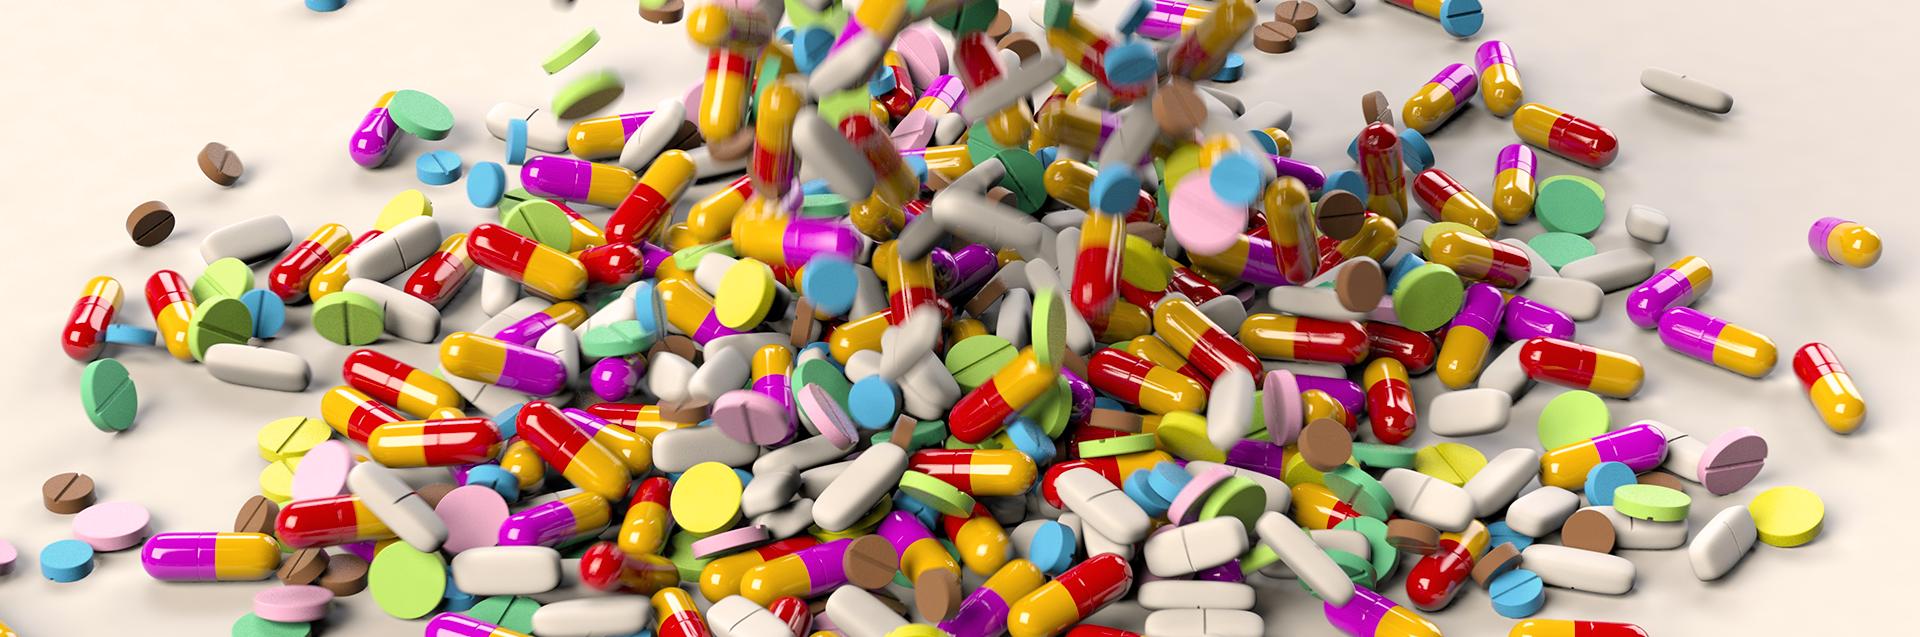 LAUT_Umbau der Arzneimittelaufsicht